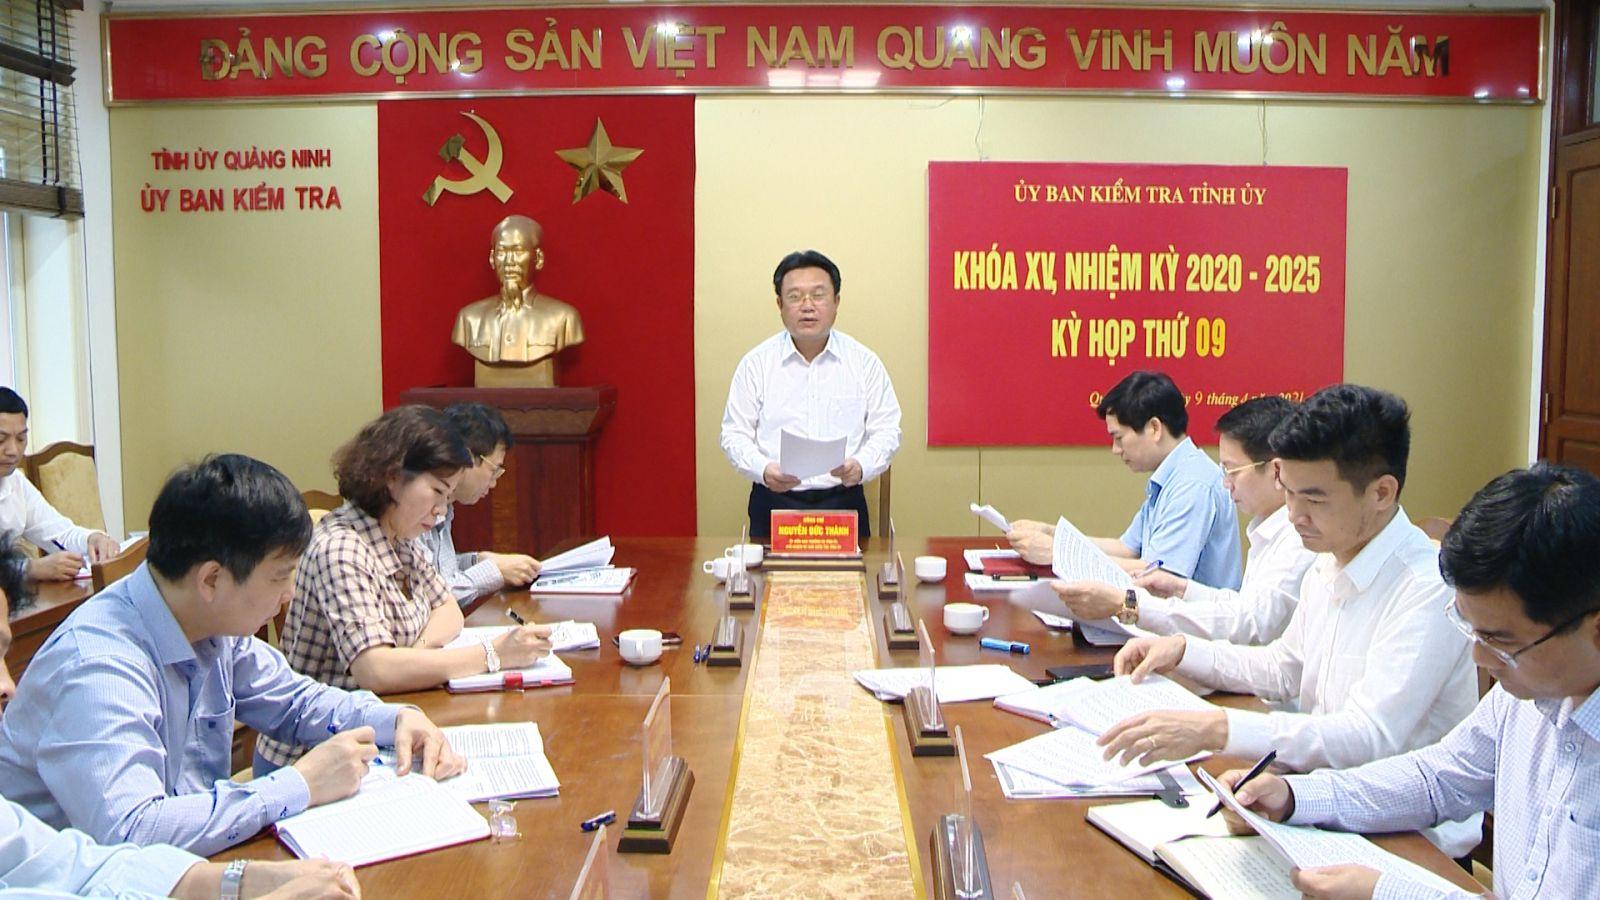 Ủy ban Kiểm tra Tỉnh ủy đã tổ chức kỳ họp thứ 9 để xem xét, kết luận kiểm tra khi có dấu hiệu vi phạm đối với Đảng ủy và người đứng đầu cấp ủy, chính quyền xã Đông Xá, huyện Vân Đồn.